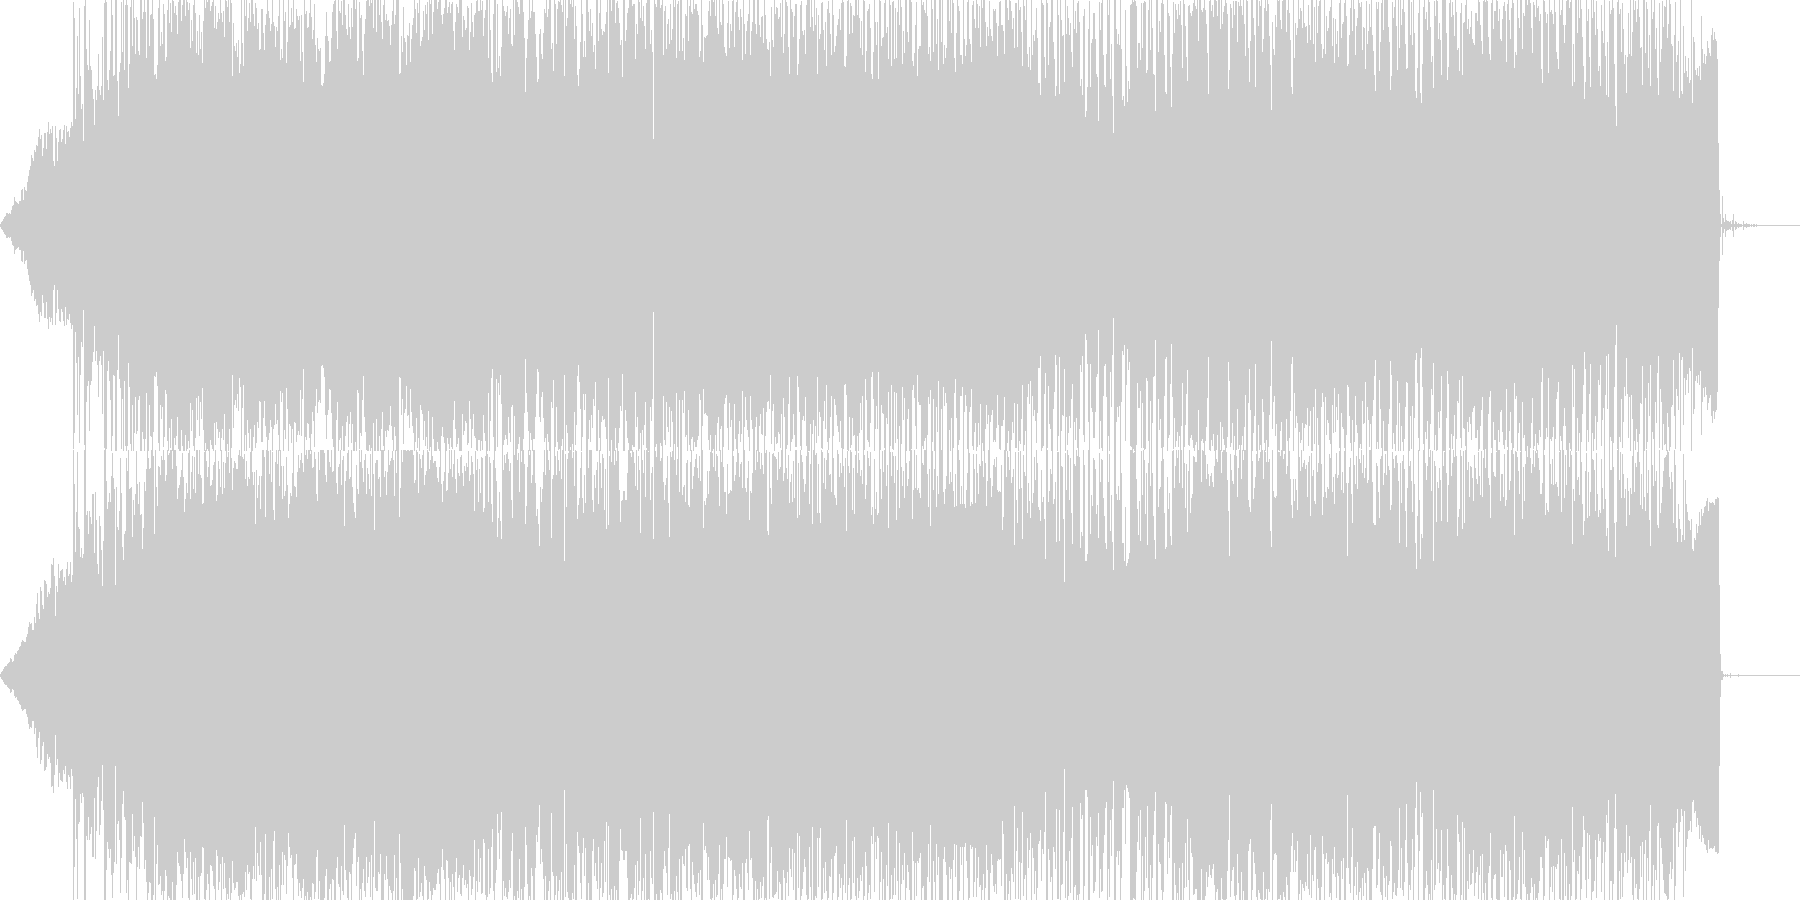 ロックエレクトロニック アクション...の未再生の波形